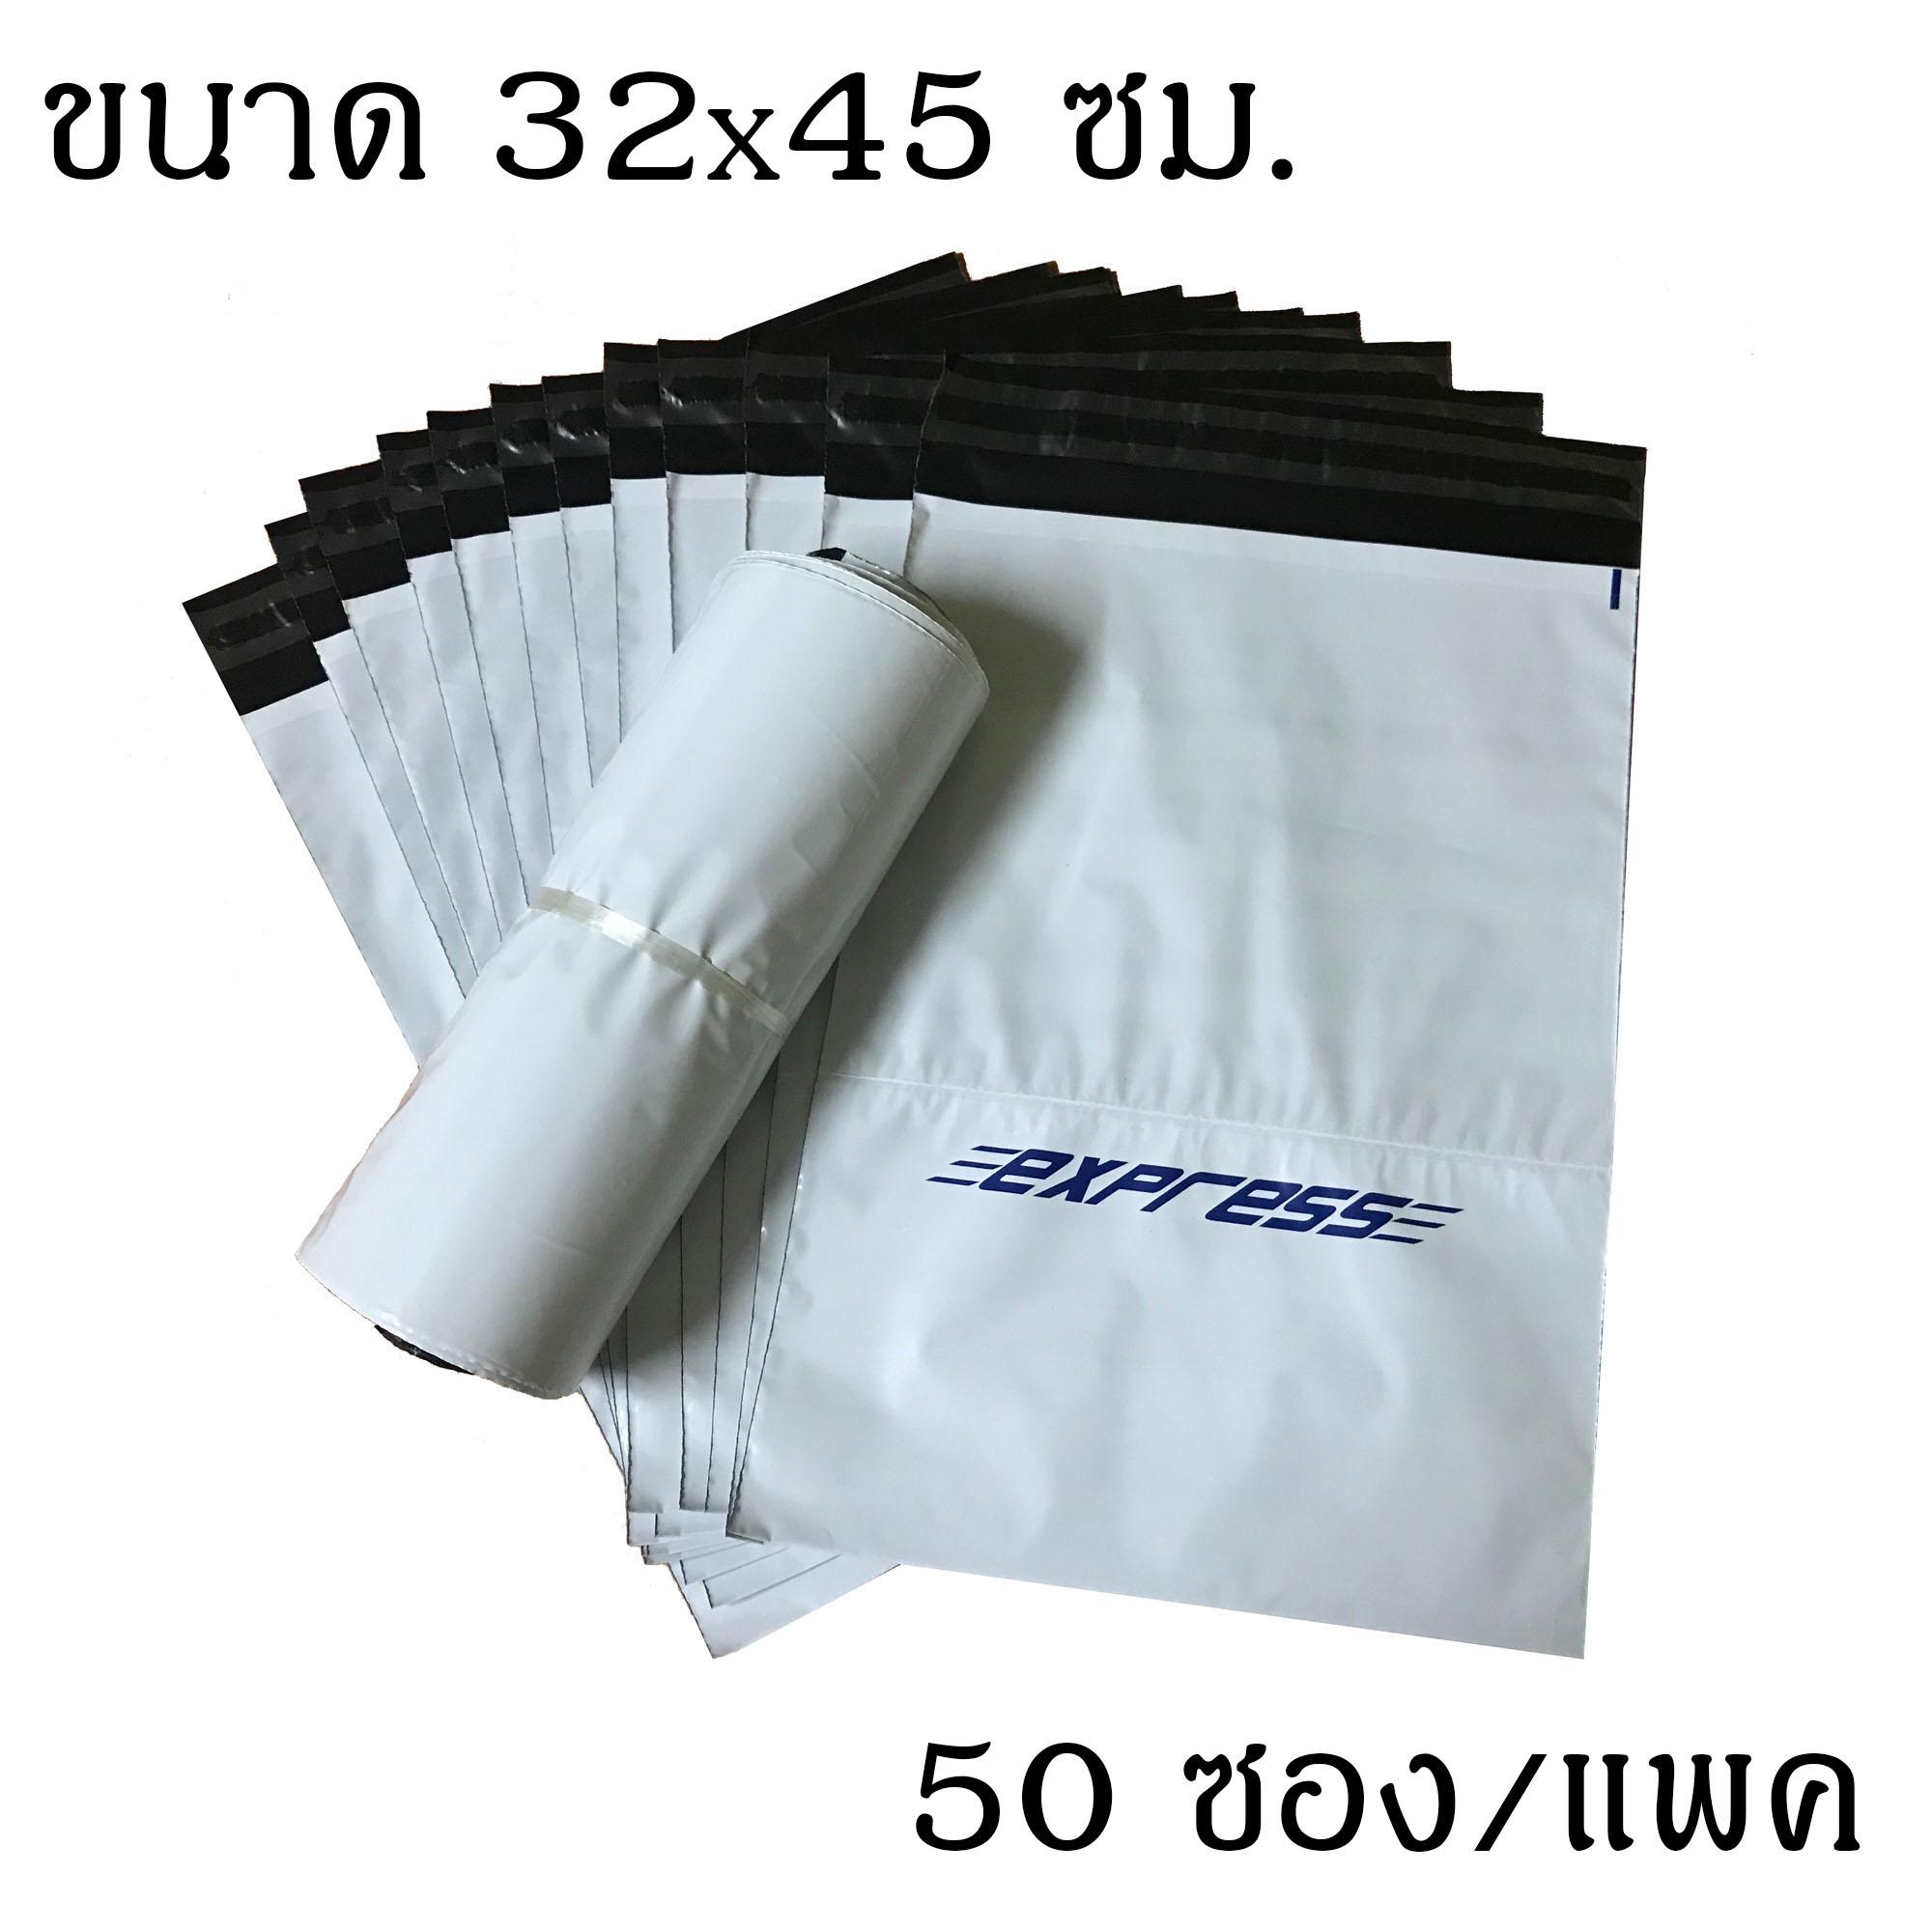 ซองไปรษณีย์พลาสติกพร้อมซองใส ขนาด 32x45 ซม. 50ซอง/แพค